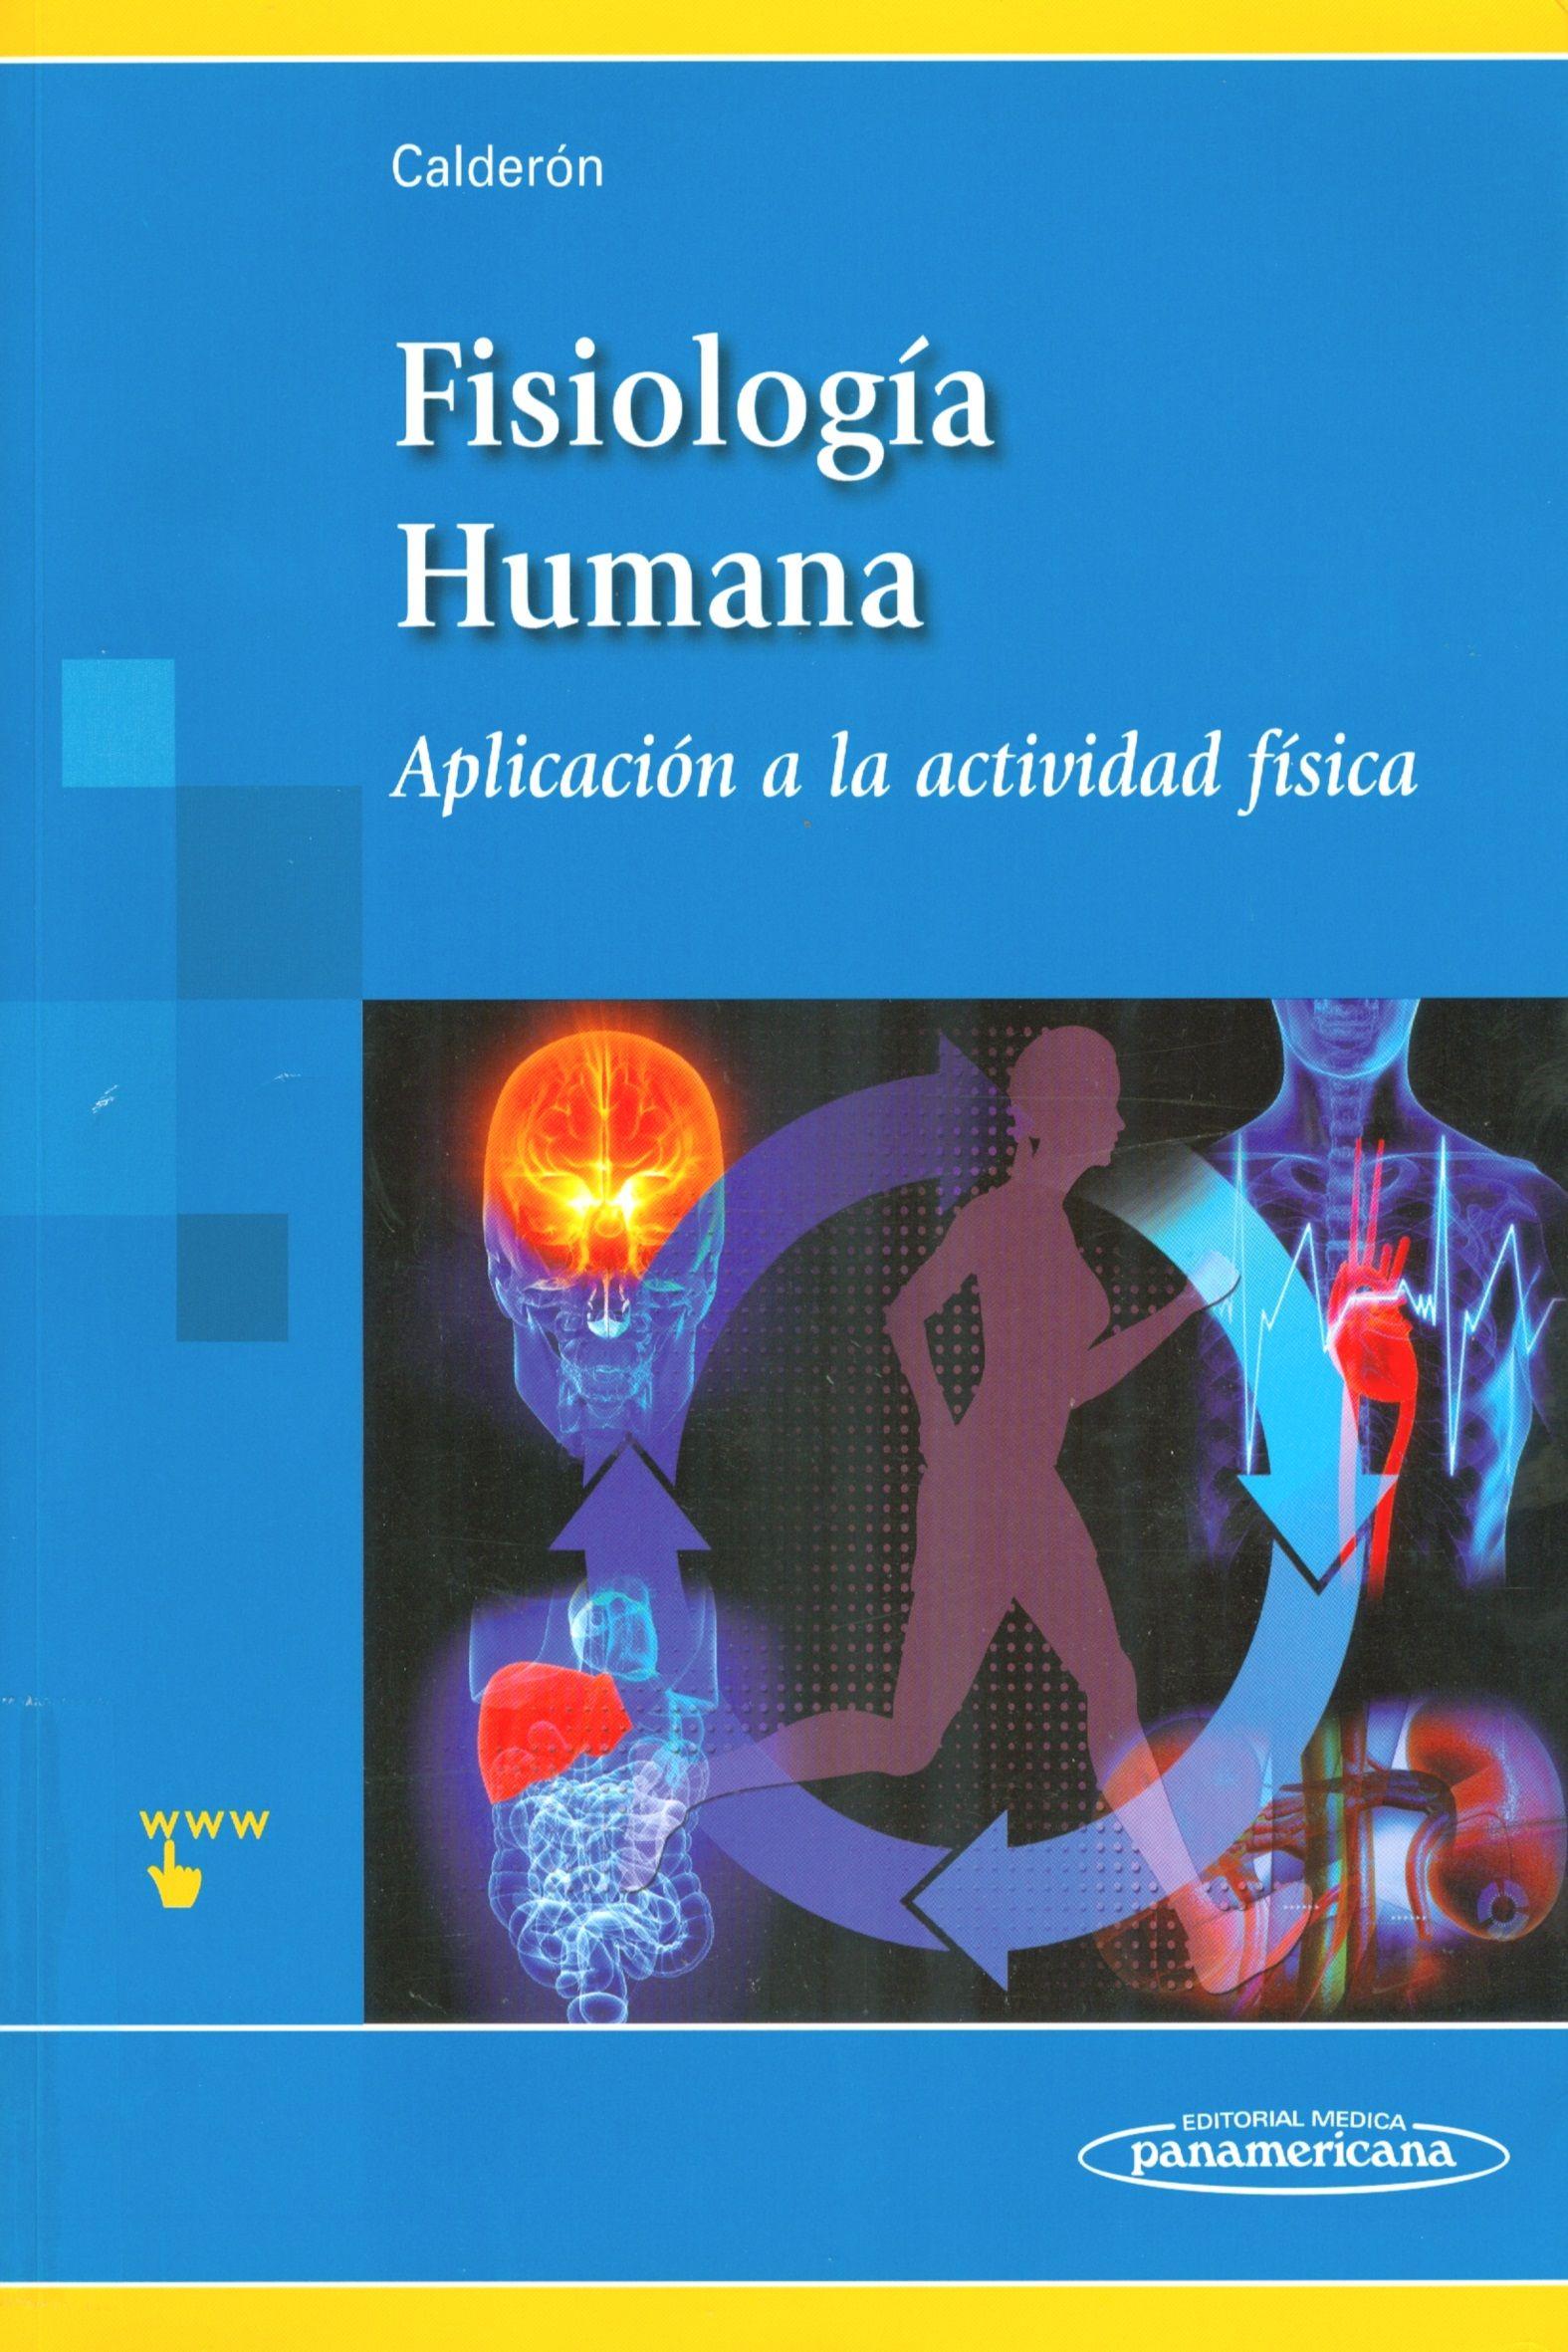 Fisiología humana: aplicación a la actividad física. 2012. http://www.medicapanamericana.com/materialesComplementarios/CalderonEst/calderon.aspx http://kmelot.biblioteca.udc.es/record=b1487786~S1*gag